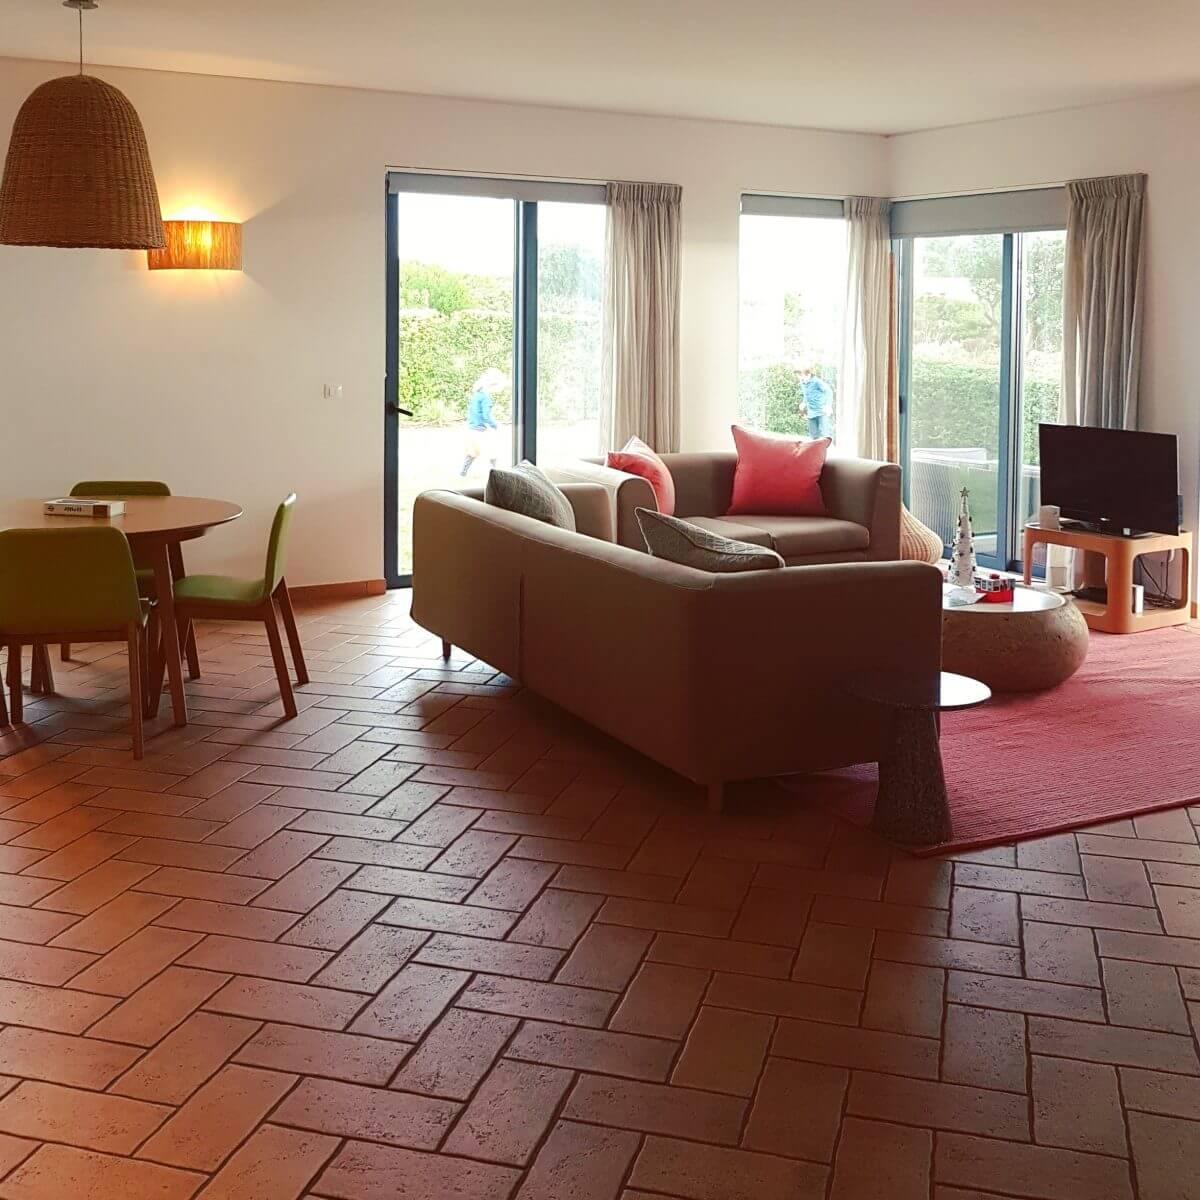 Algarve met kids: idyllisch familieresort Martinhal en met kids naar Sagres - Garden house